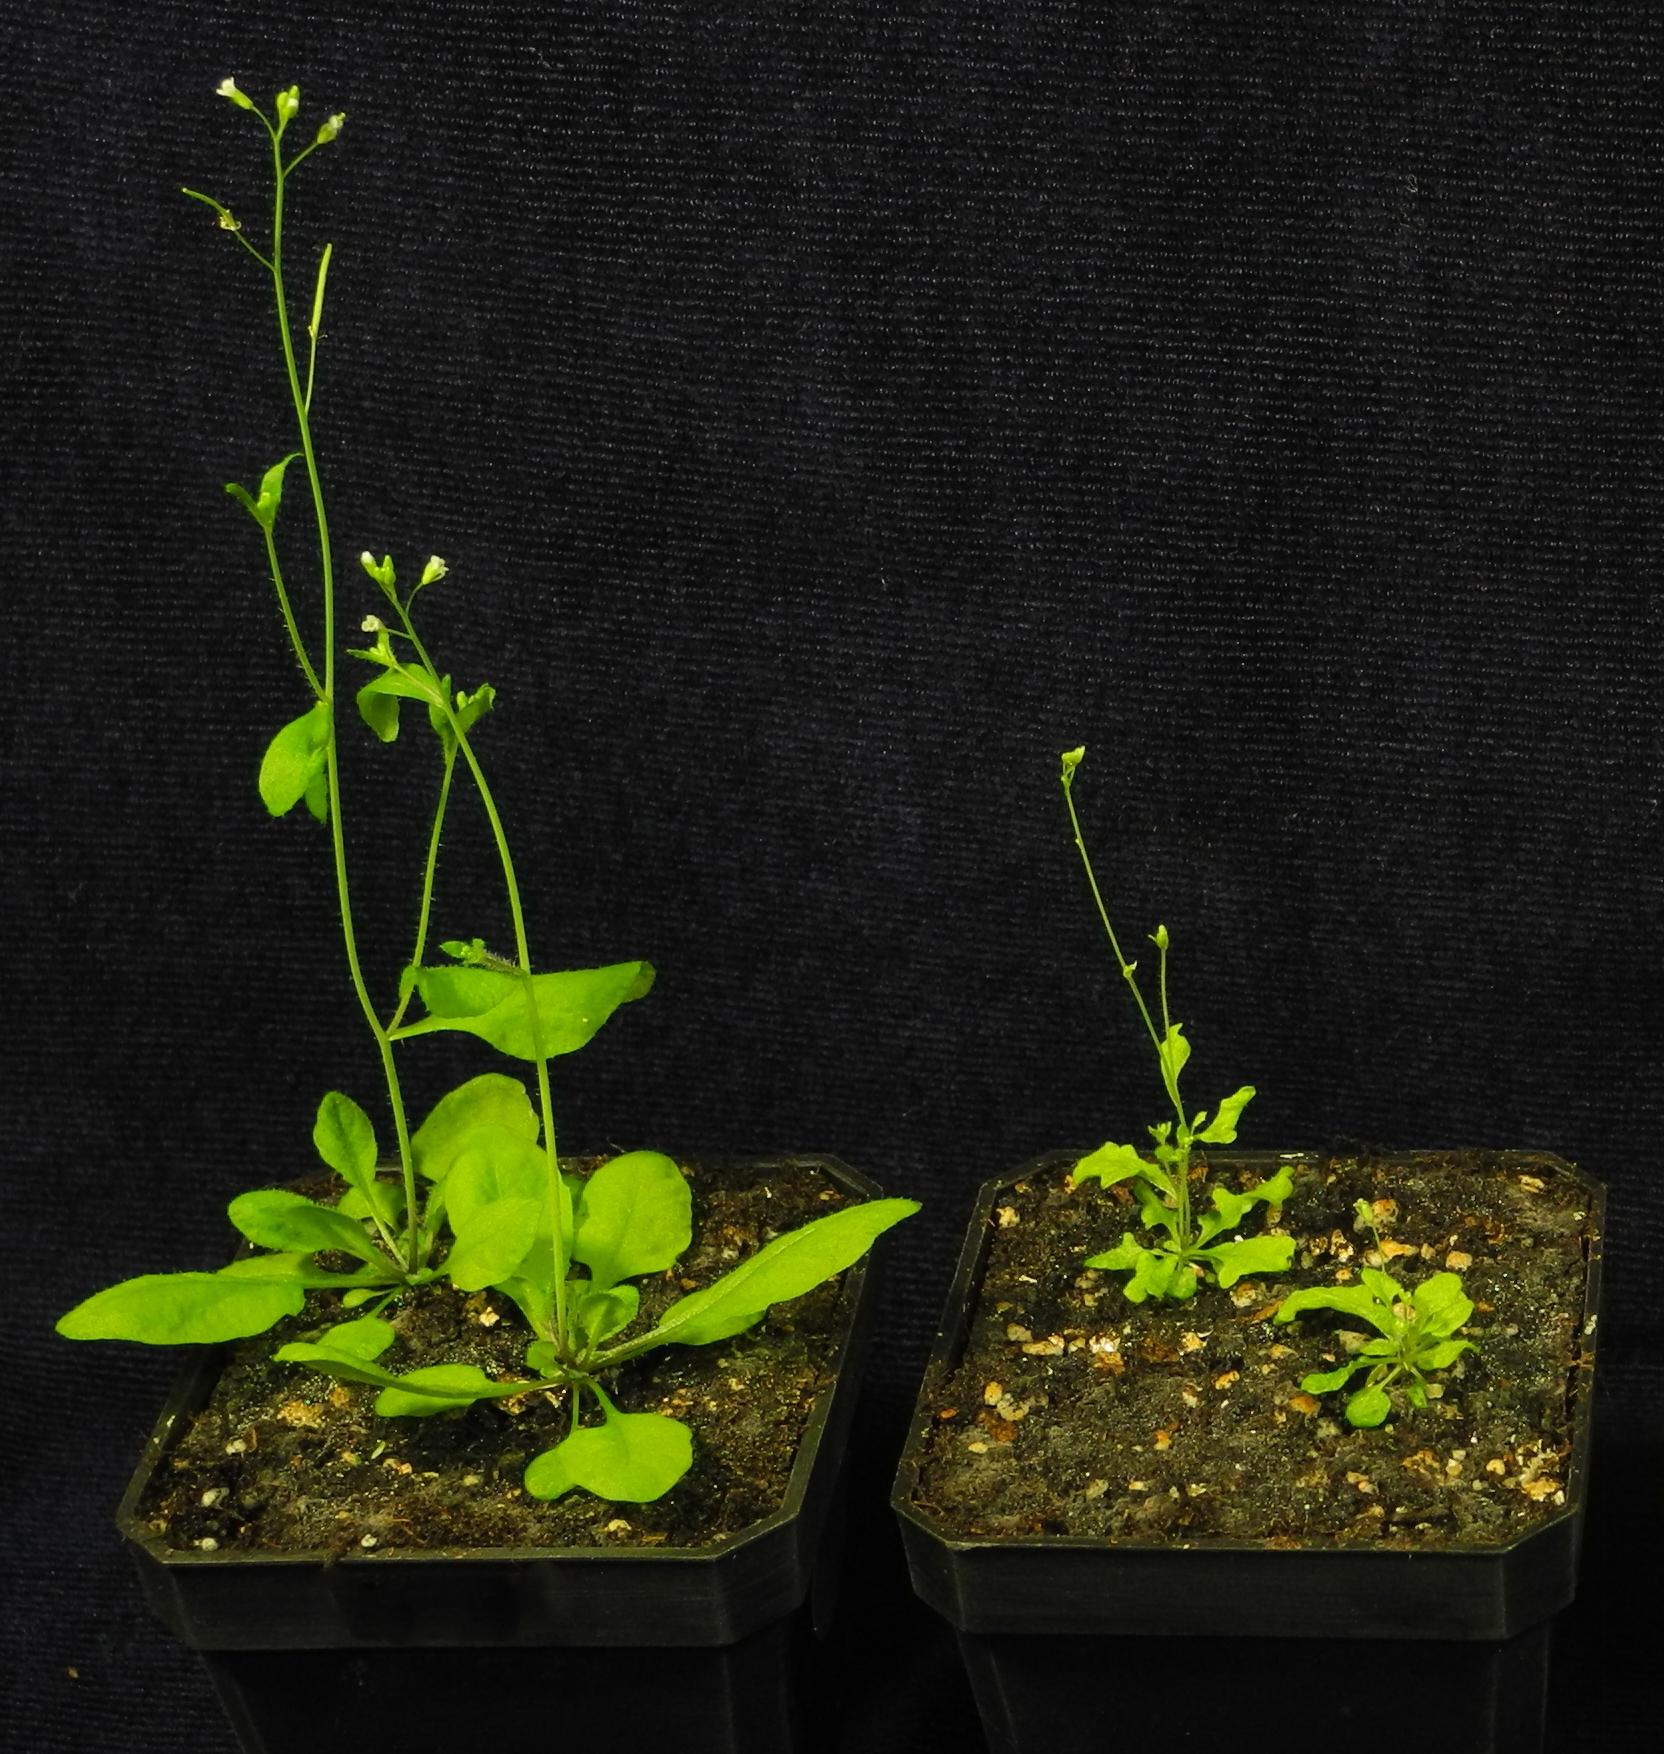 阿拉伯芥的野生株 (左) 以及 TIC236 基因表現量減少的突變株 (右),突變株有發育不良或葉子缺刻等狀況,表示若缺少 TIC236 這座橋,葉綠體無法正常運作。圖│李秀敏